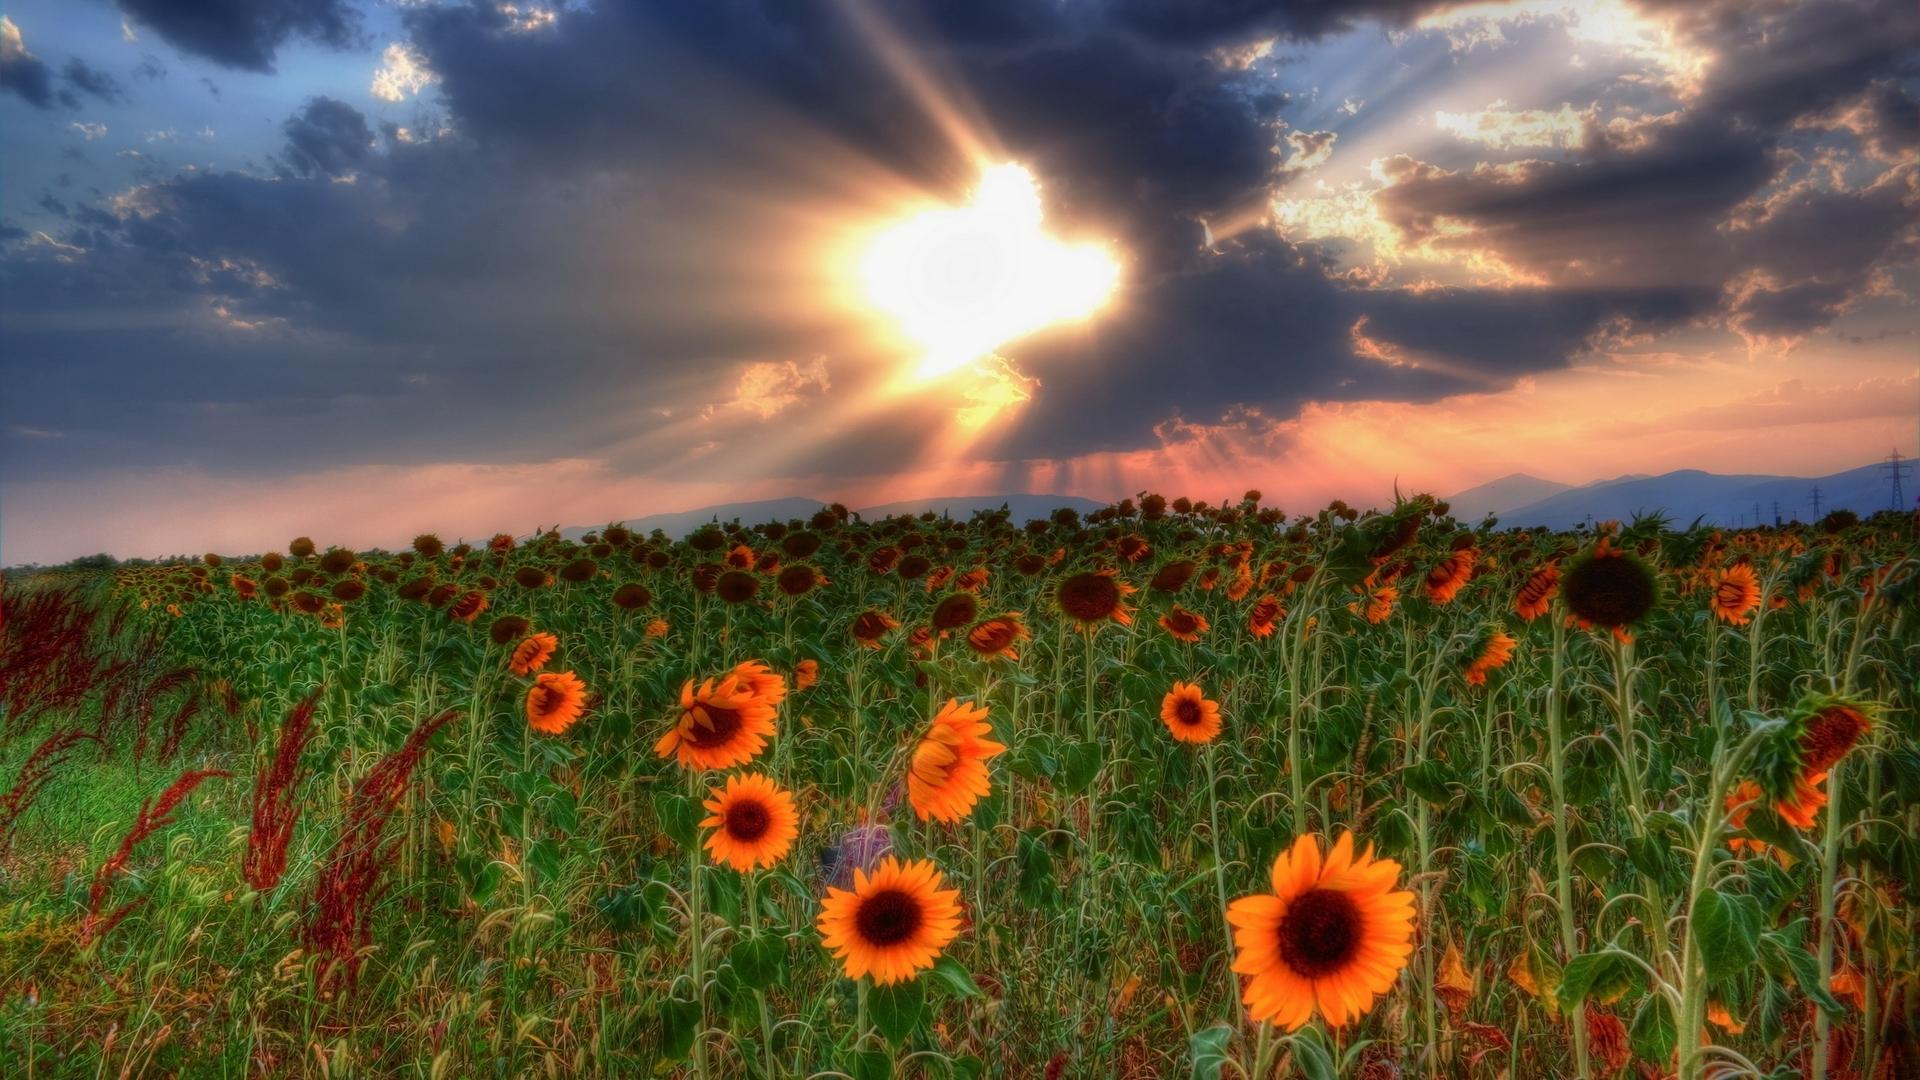 47828 скачать обои Растения, Пейзаж, Природа, Поля, Подсолнухи - заставки и картинки бесплатно